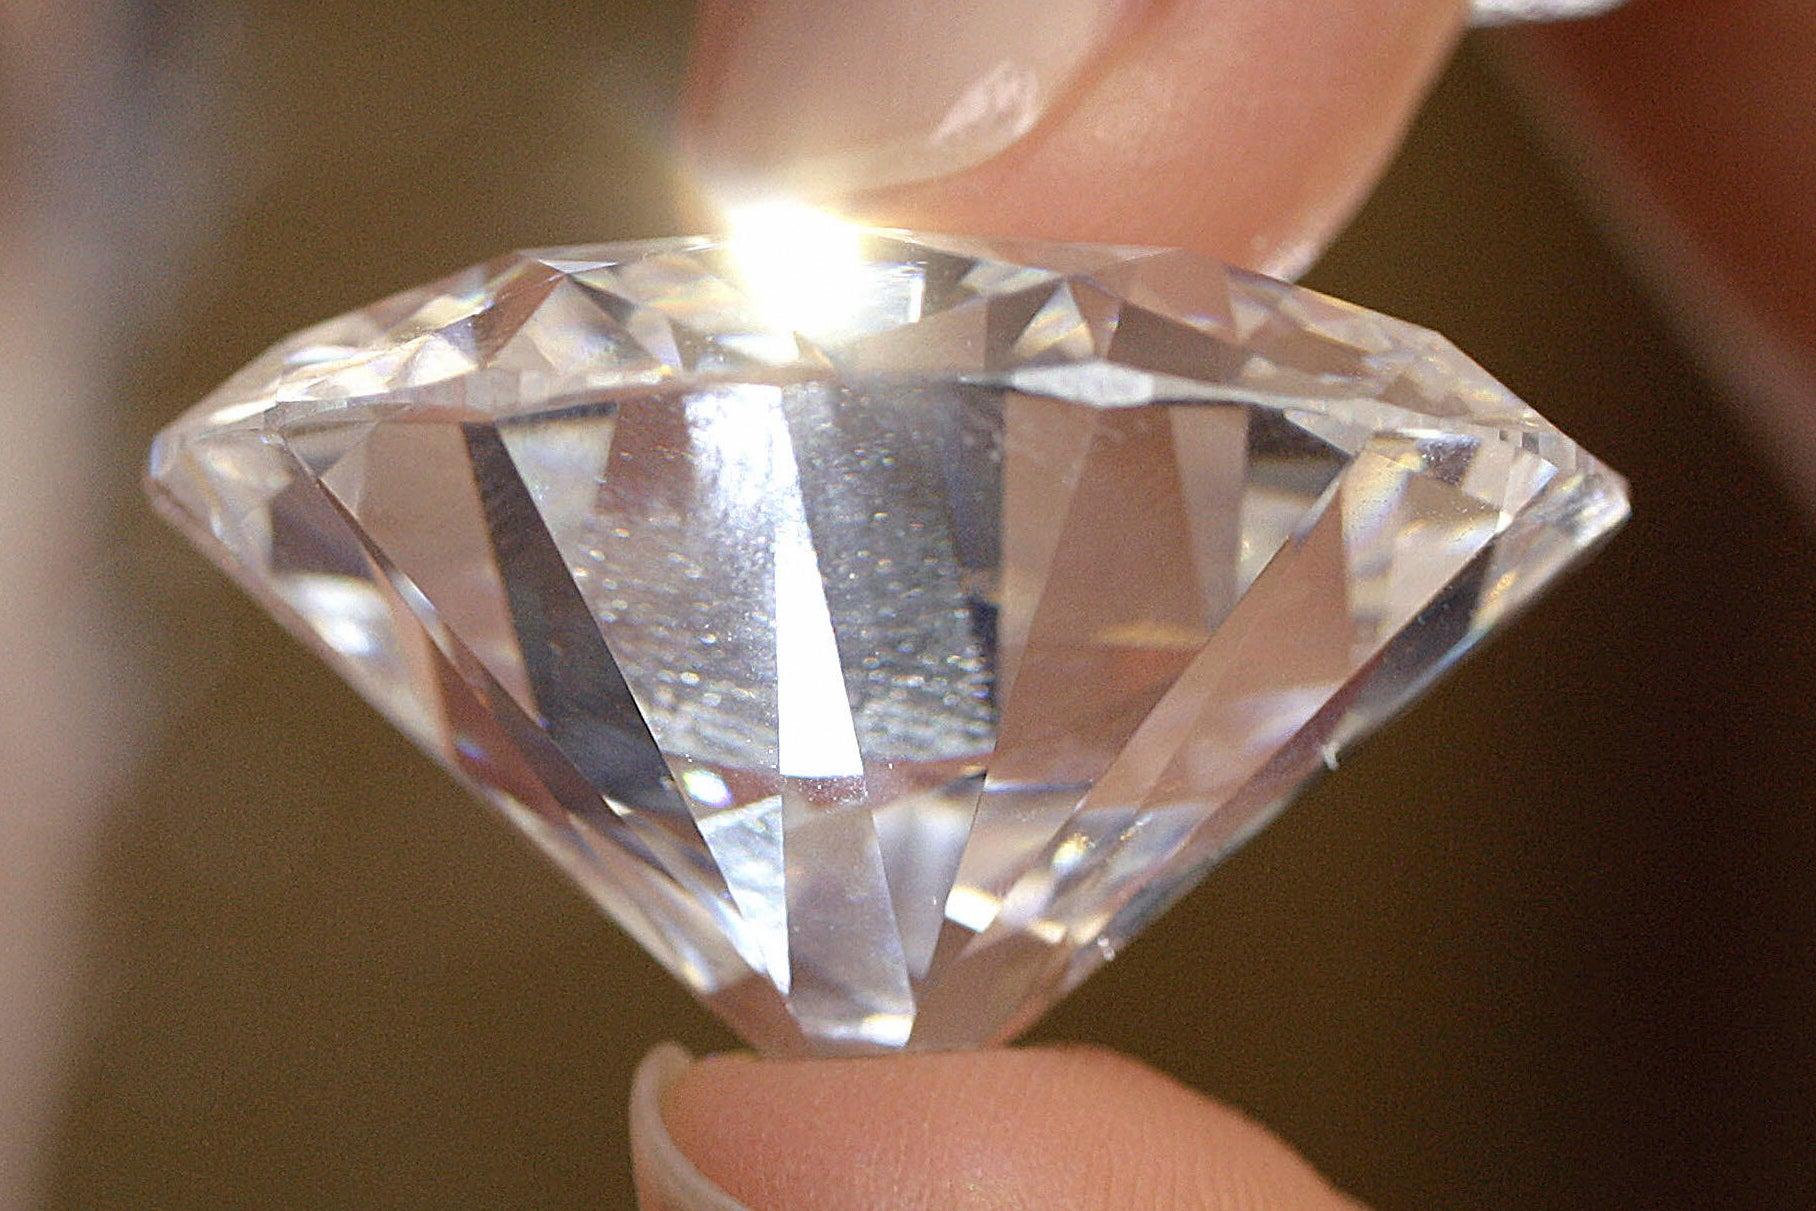 عوارض صادرات الماس و جواهر از روسیه به هند کاهش یافت/مبادلات تجاری هند و روسیه 3 میلیارد دلاری افزایش می یابد